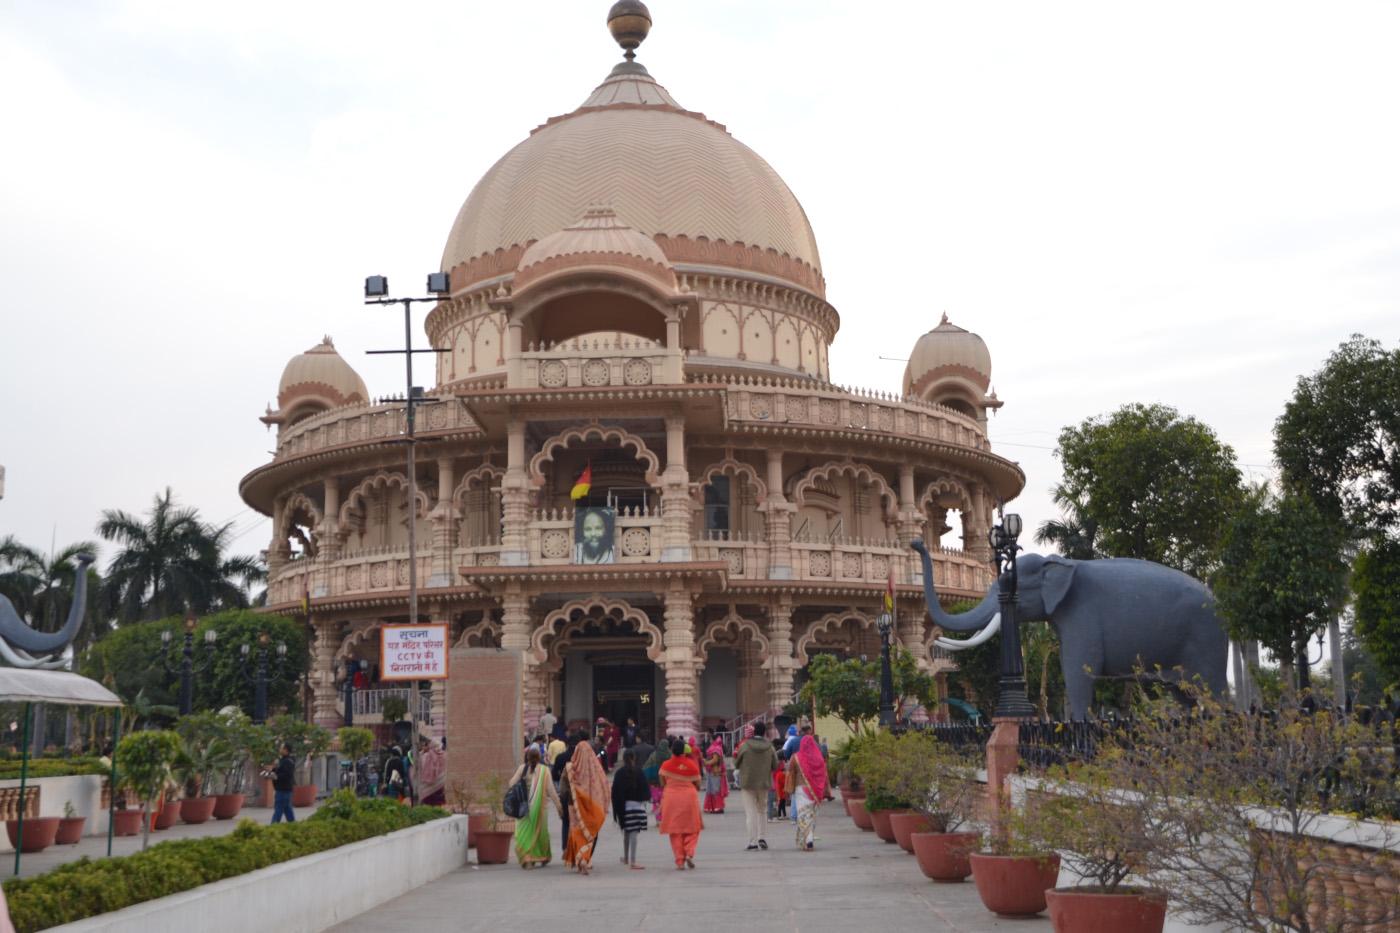 Фото 16. Главный храм комплекса Чаттарпур Мандир. Стоит ли ехать в Дели. 1/200, 5,6, 100, 55.